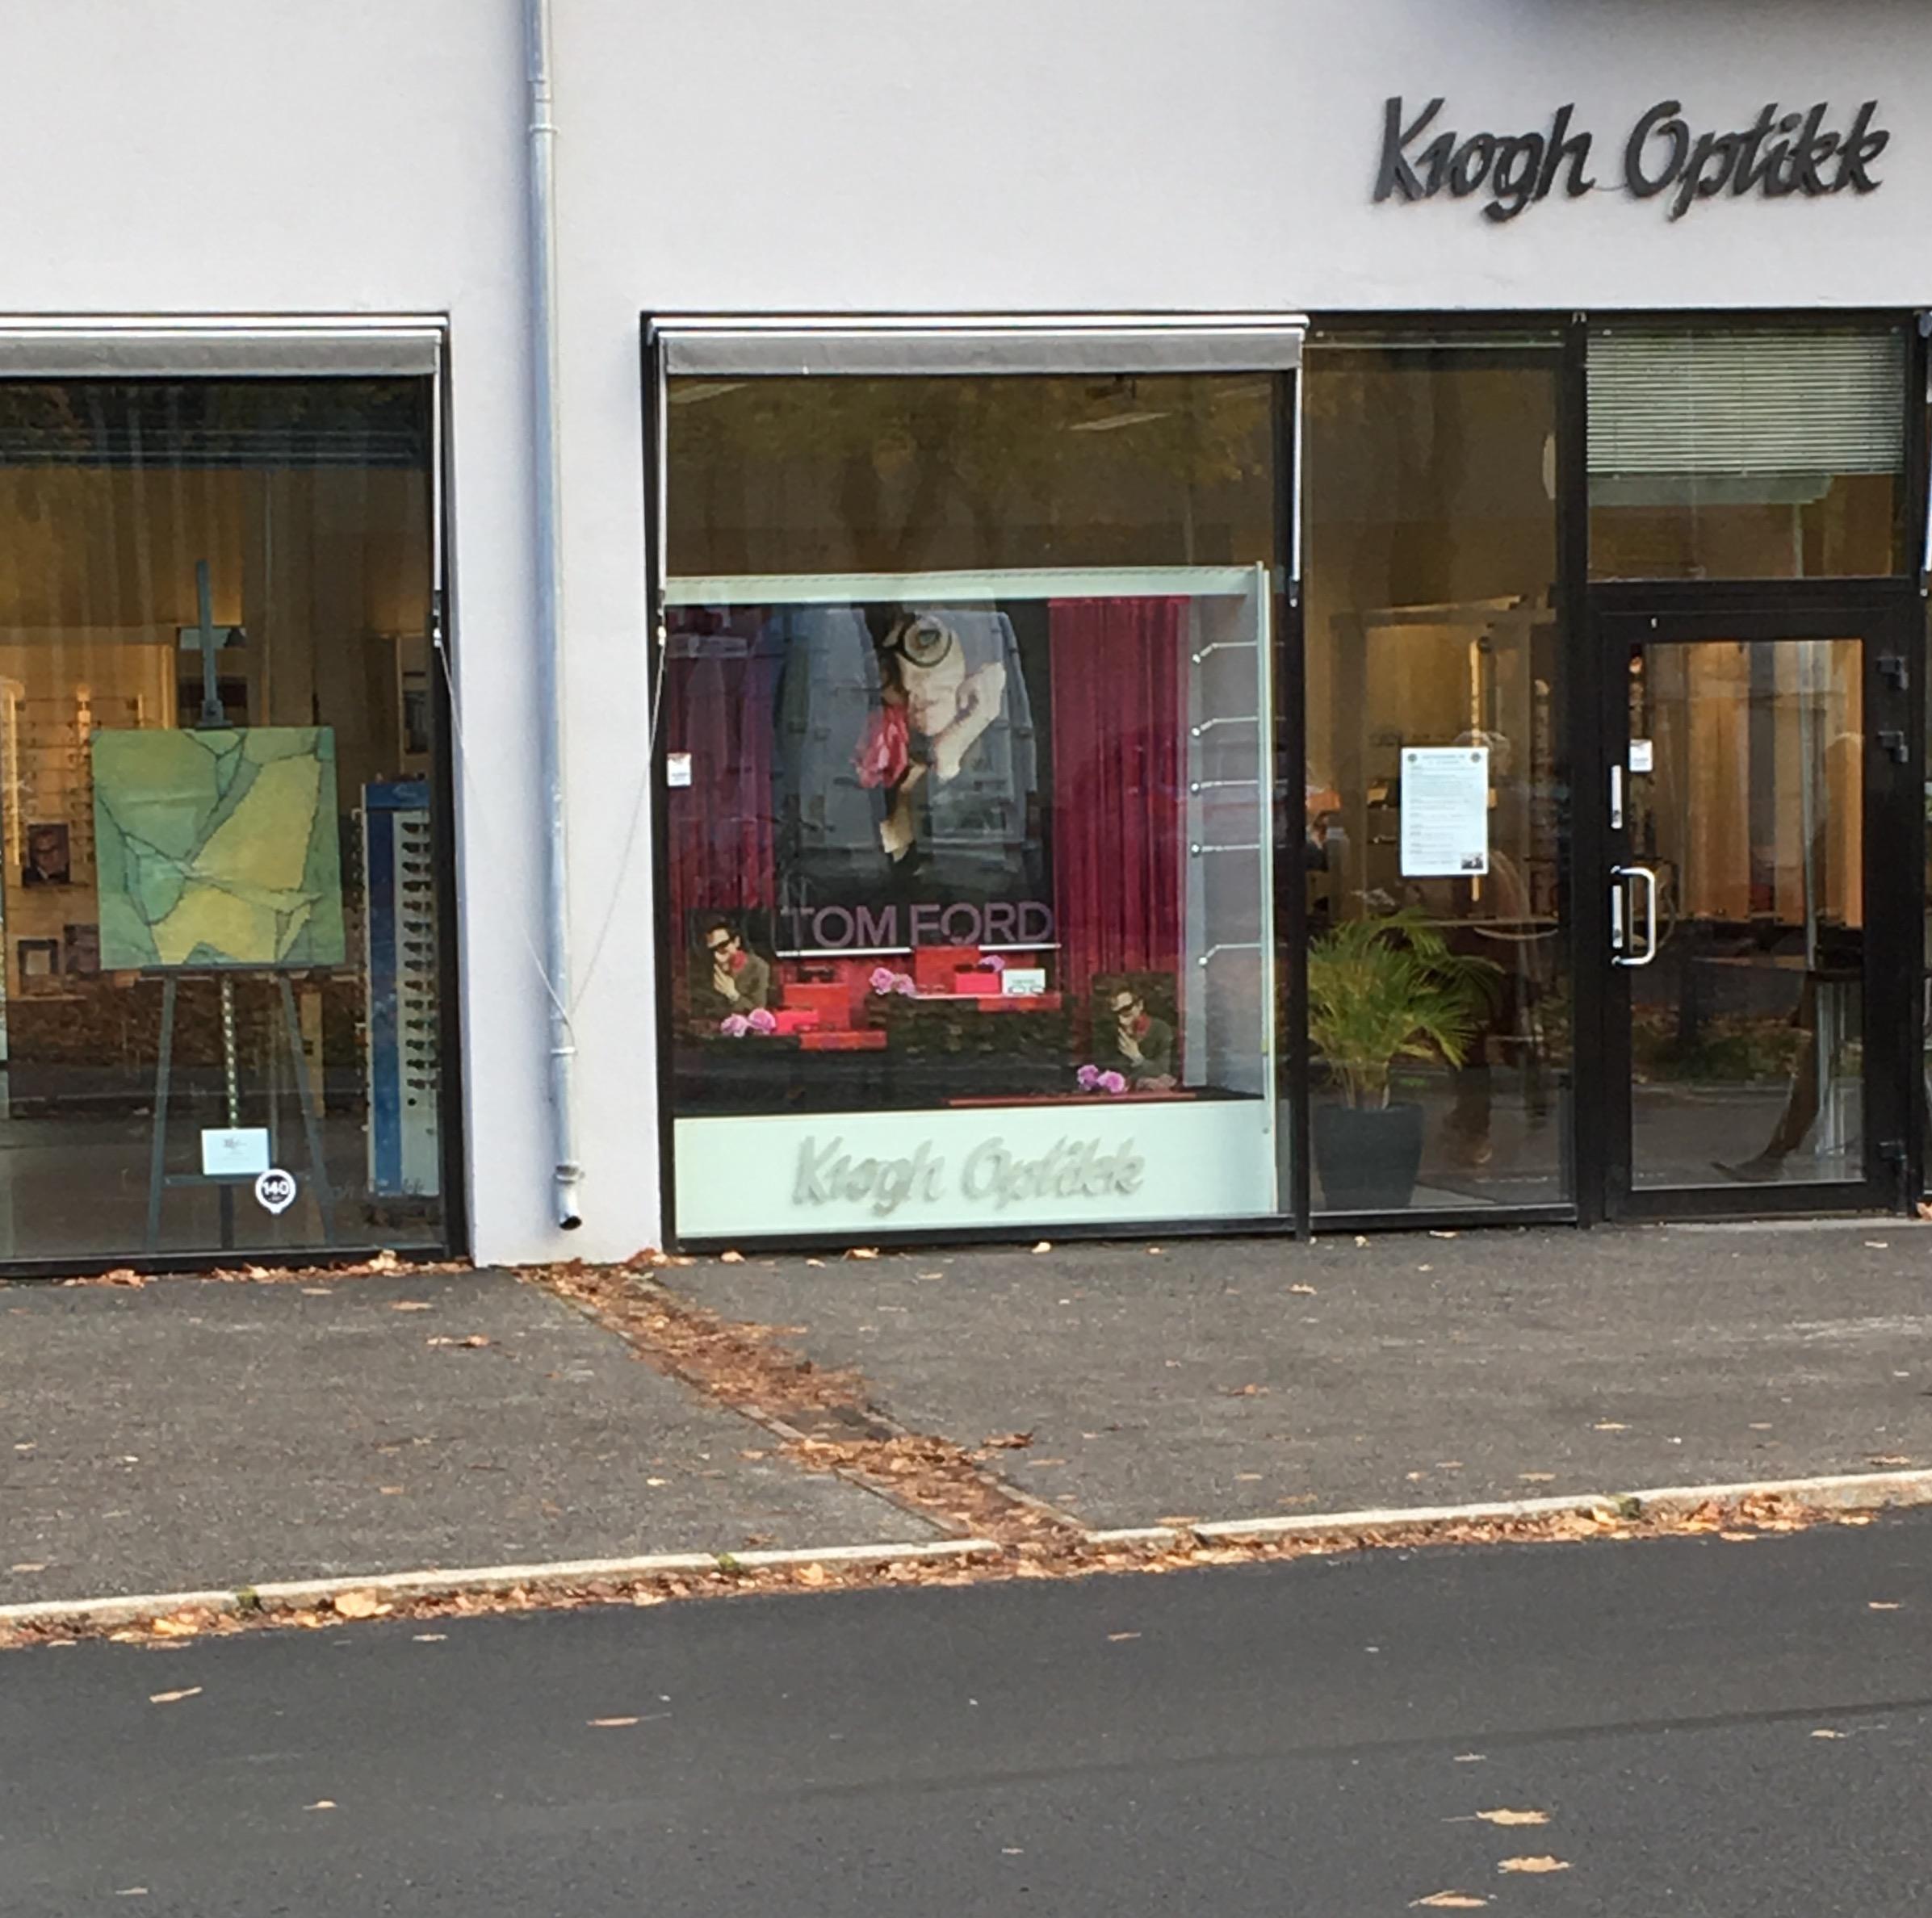 Ås Kunstforening til Krogh Optikk.